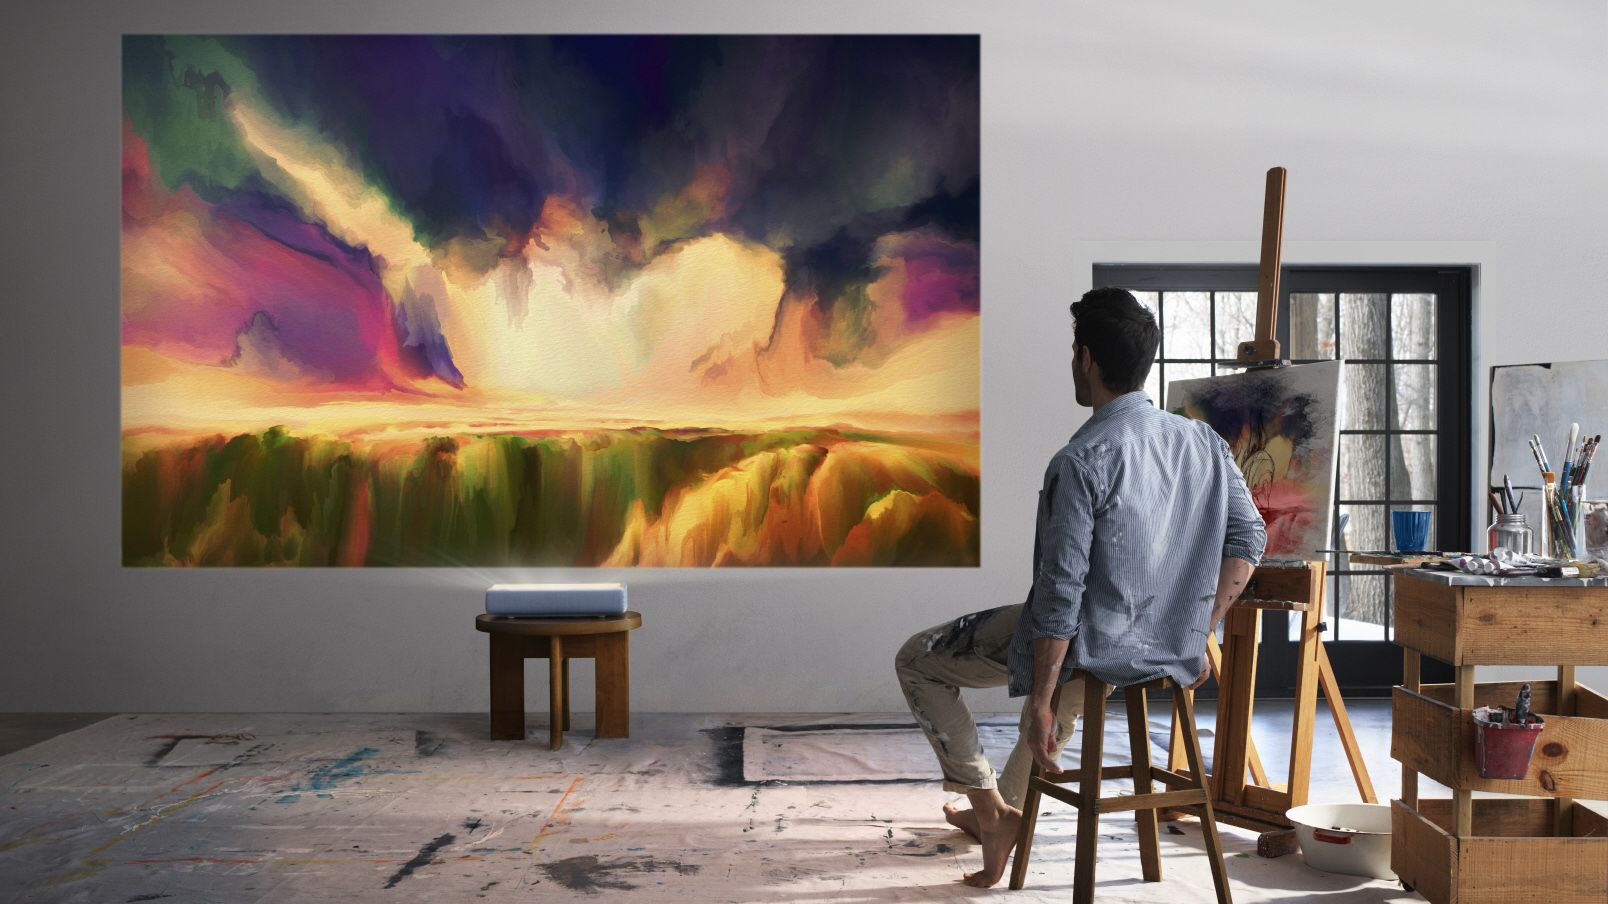 Samsungs «The Premiere» kan lage et bilde på 130 tommer fra kliss inntil veggen